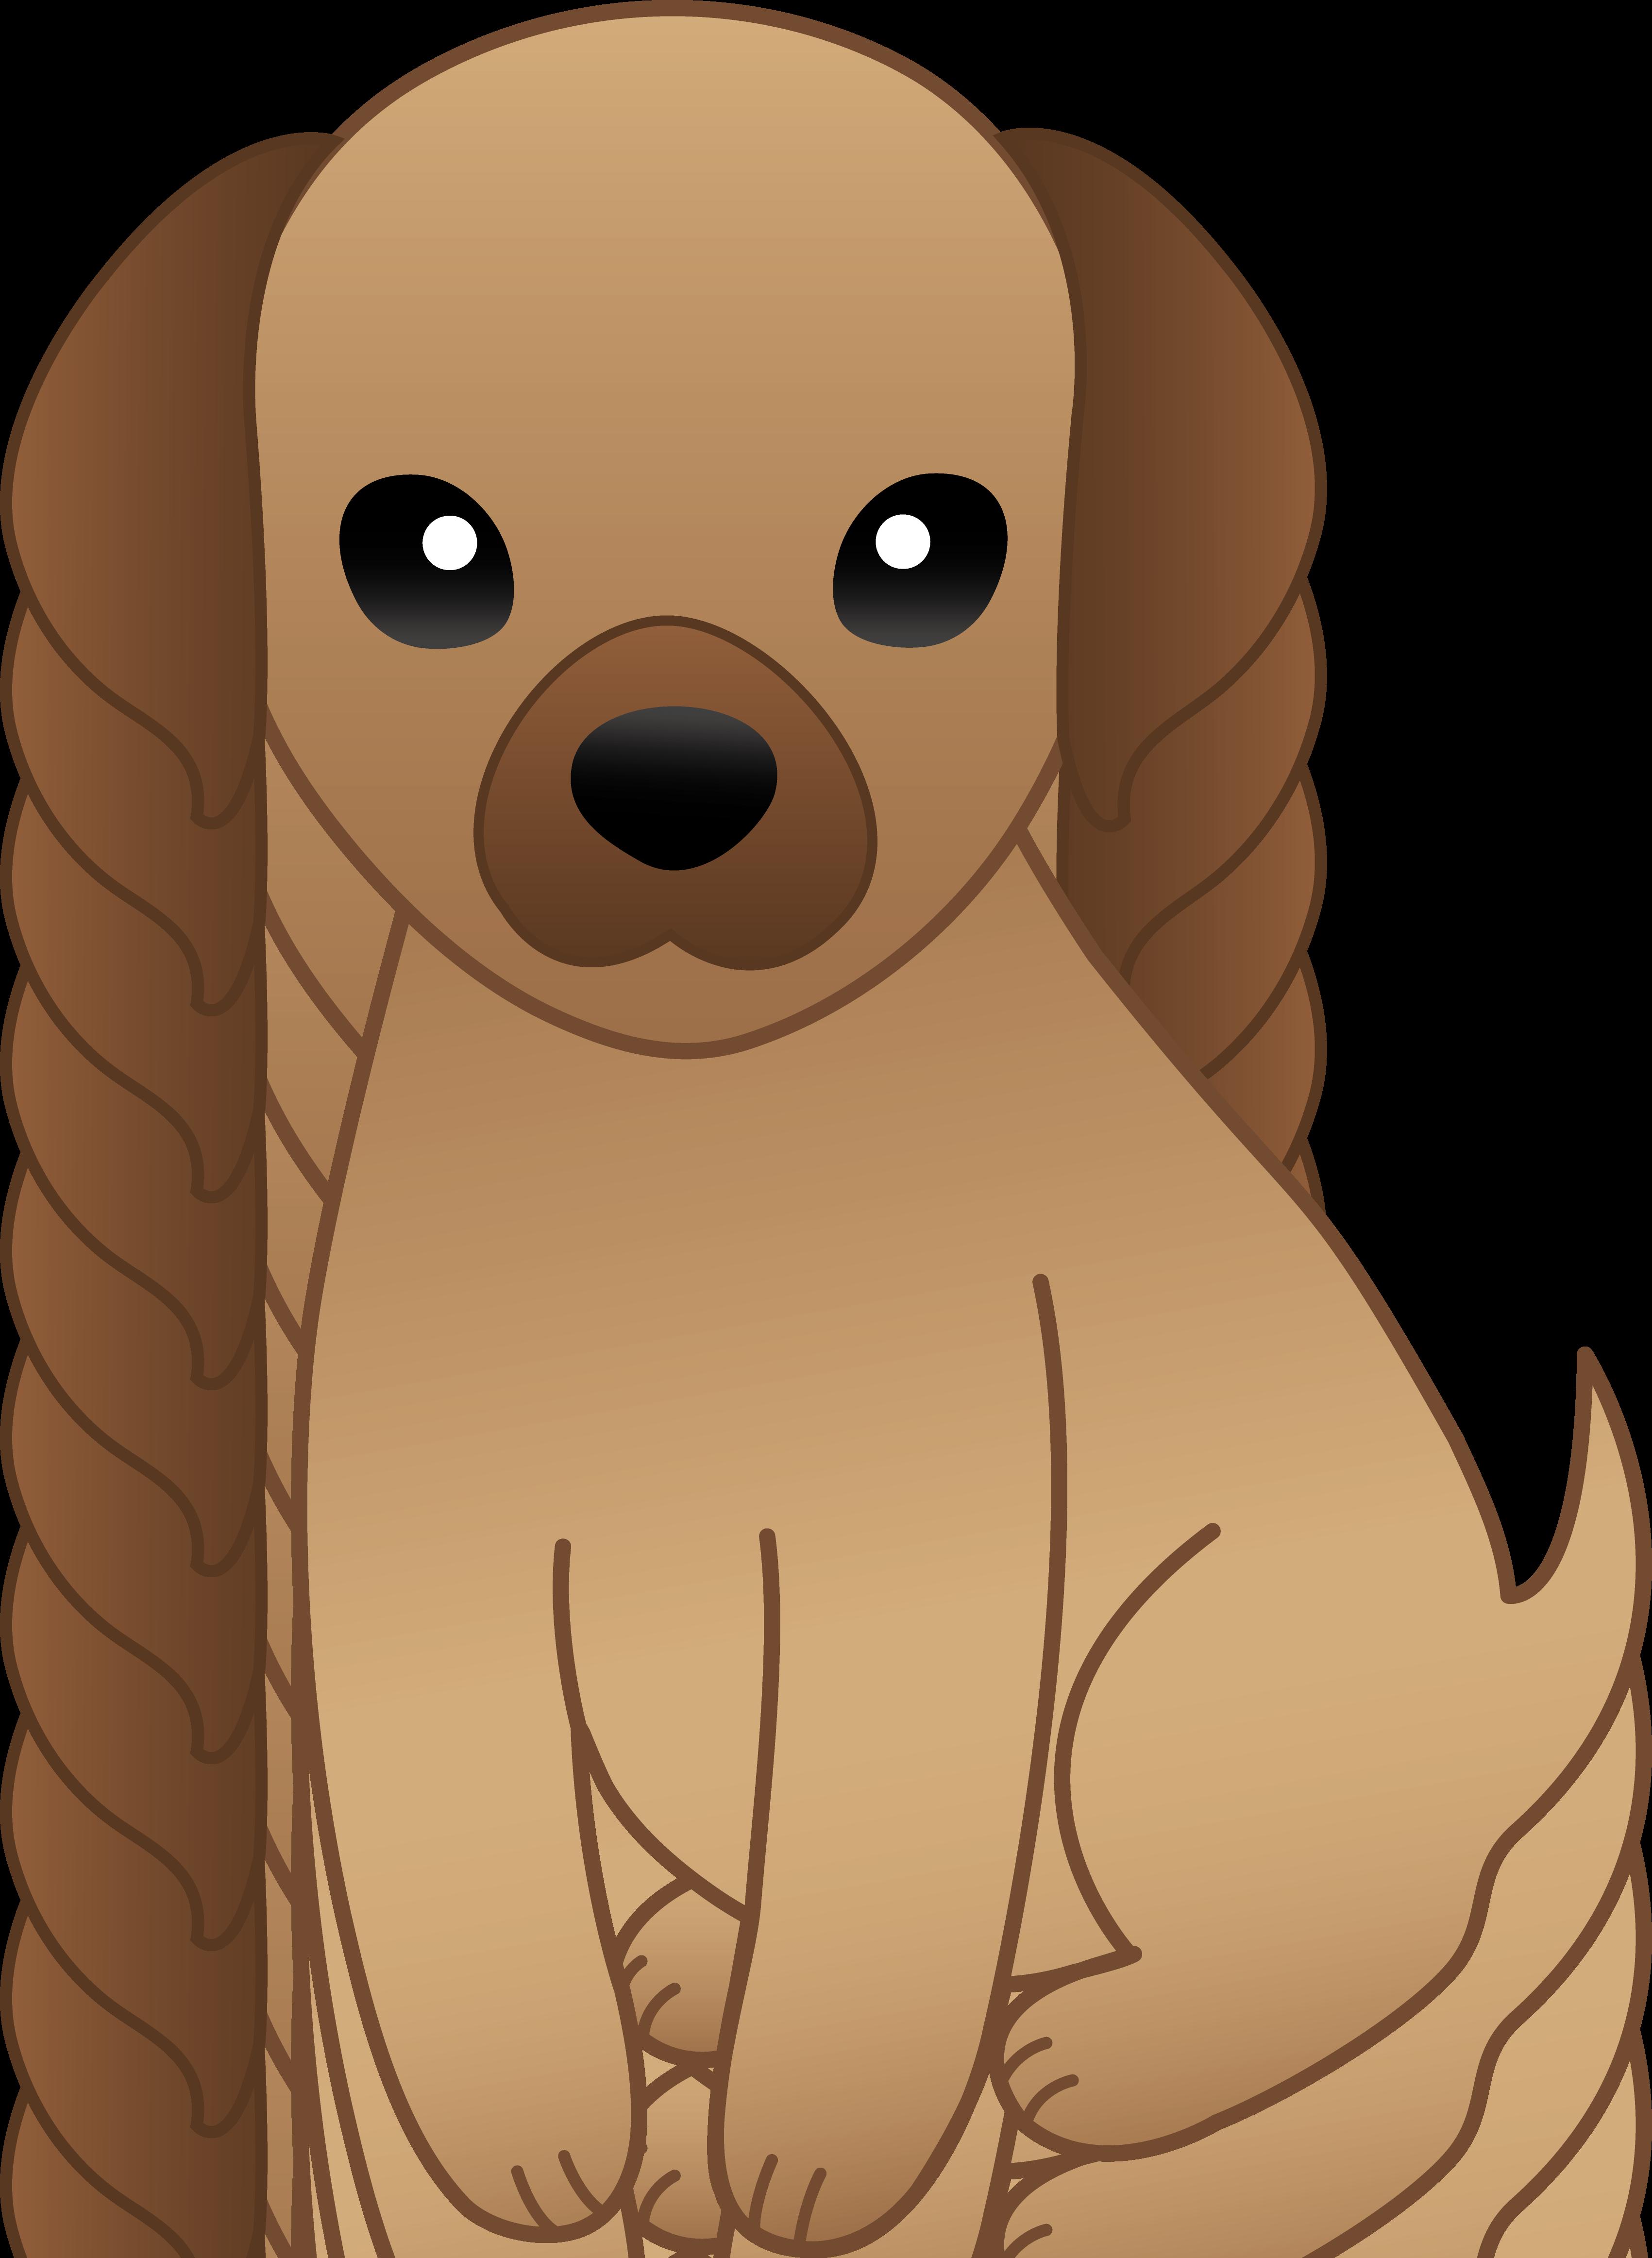 Animated Dog PNG - 158735